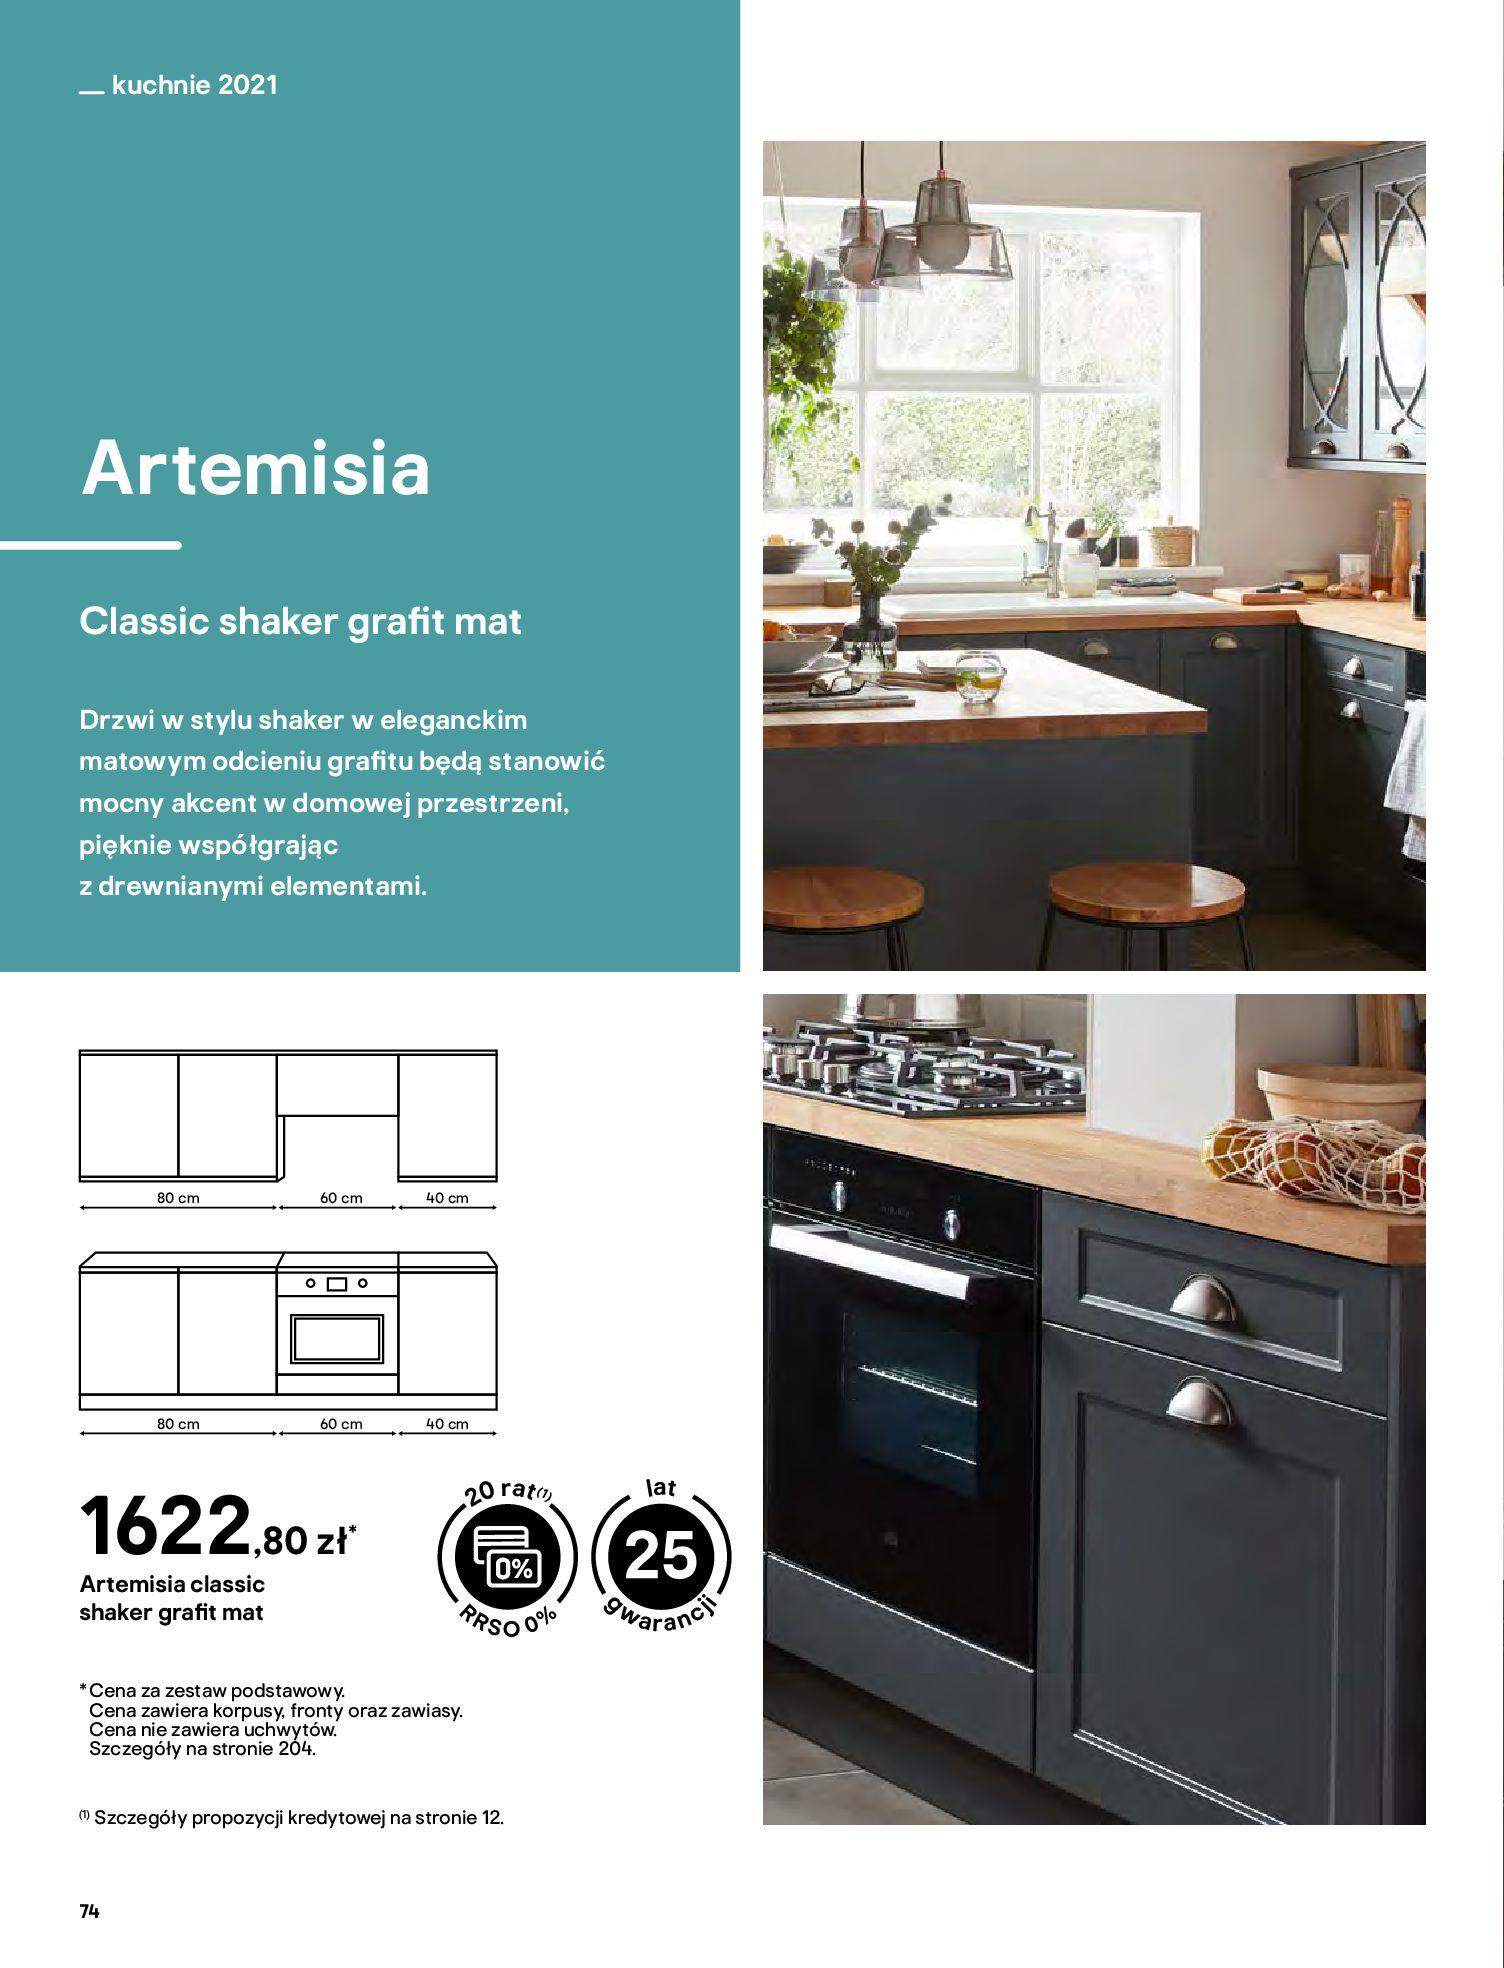 Gazetka Castorama: Katalog kuchnie 2021 2021-05-04 page-74